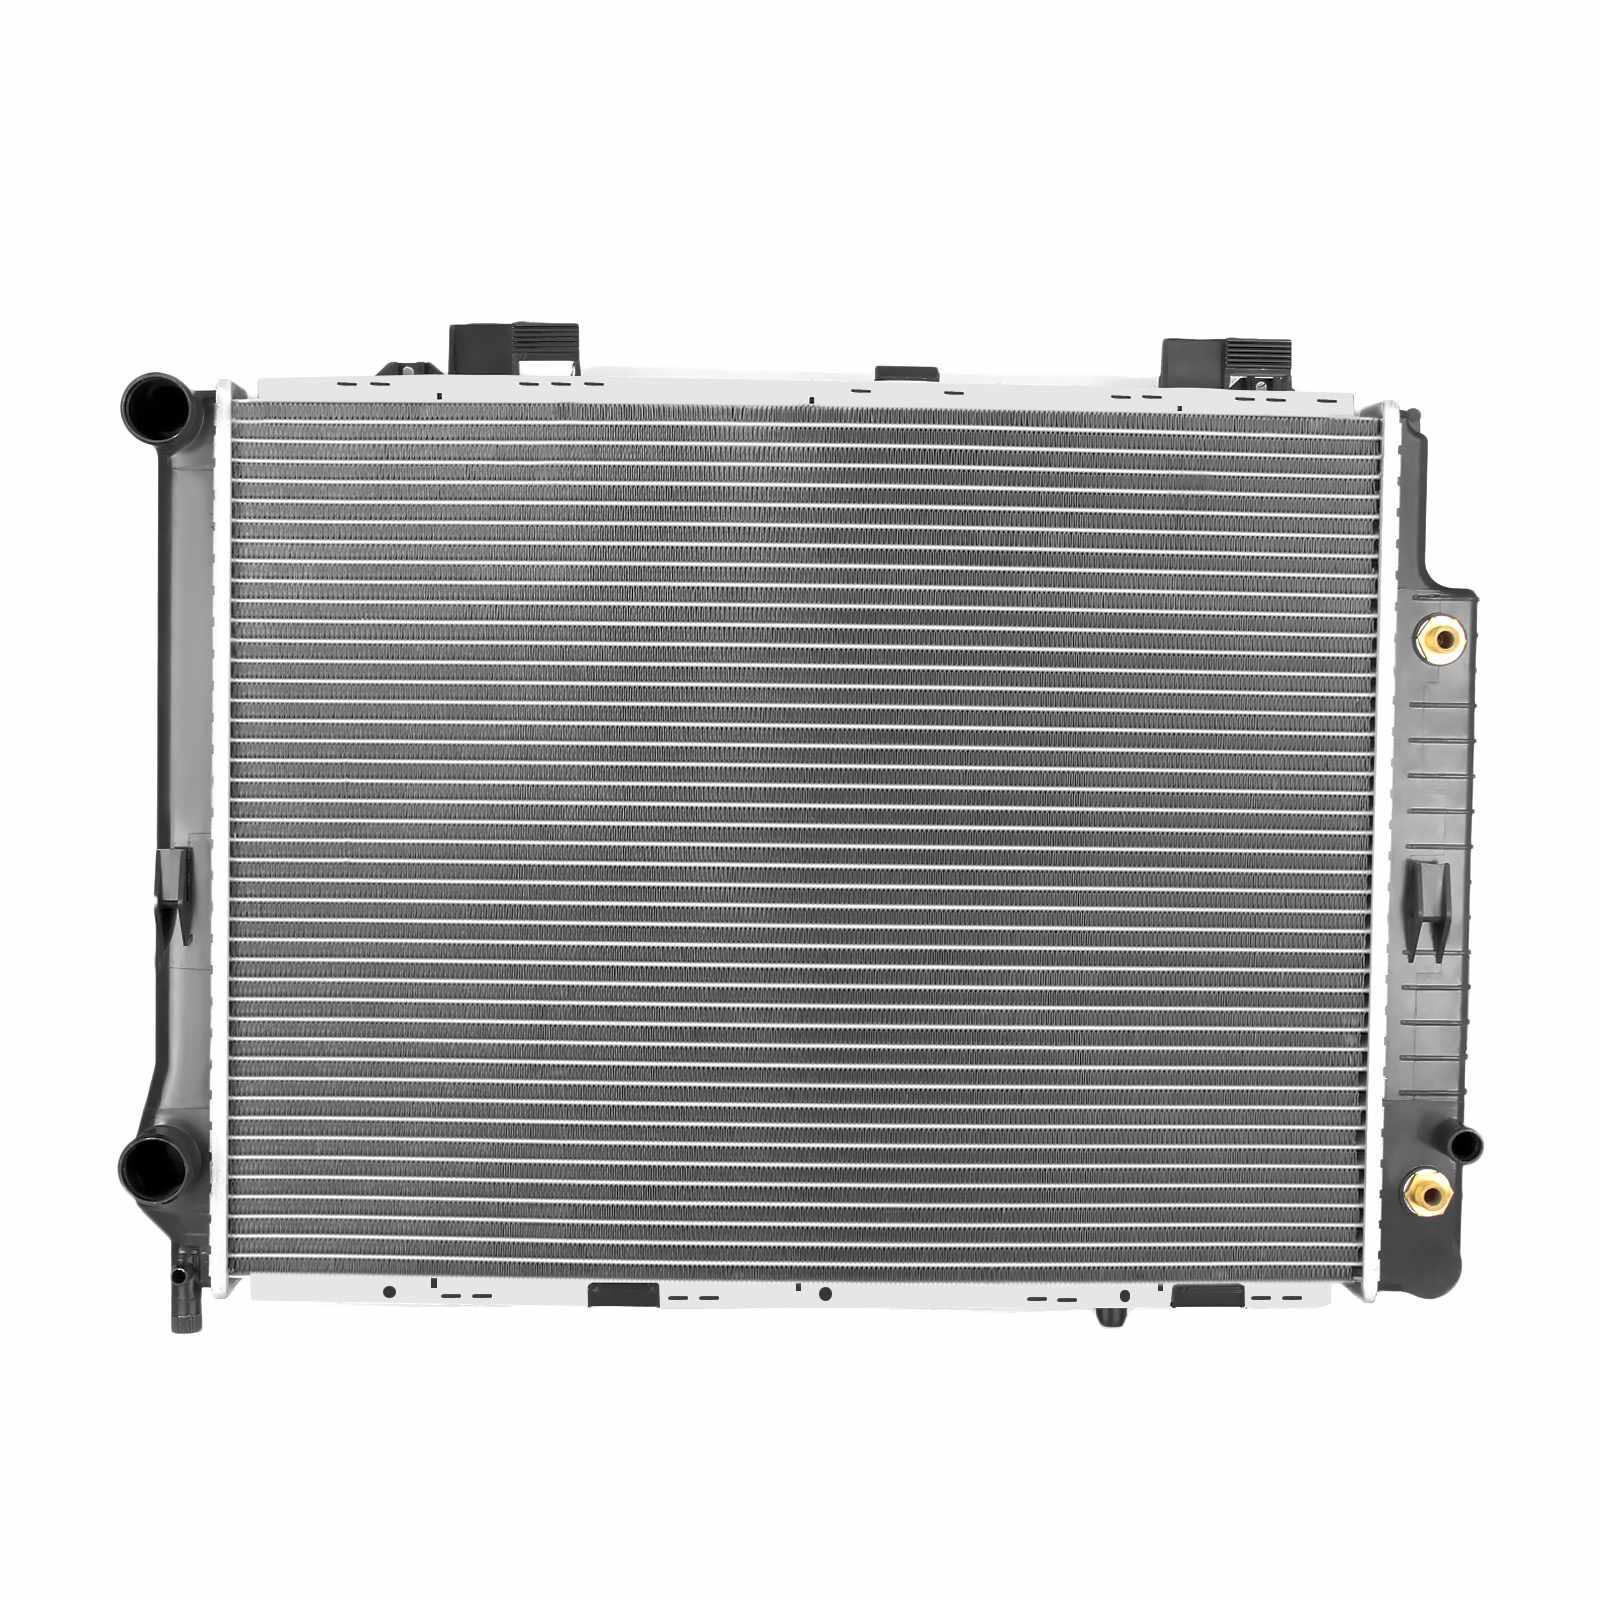 Dromedary Radiator For Mercedes-Benz E-Class W210 S210 E280 E320 Auto / Manual 95-02 New MERCEDES BENZ RADIATOR image2